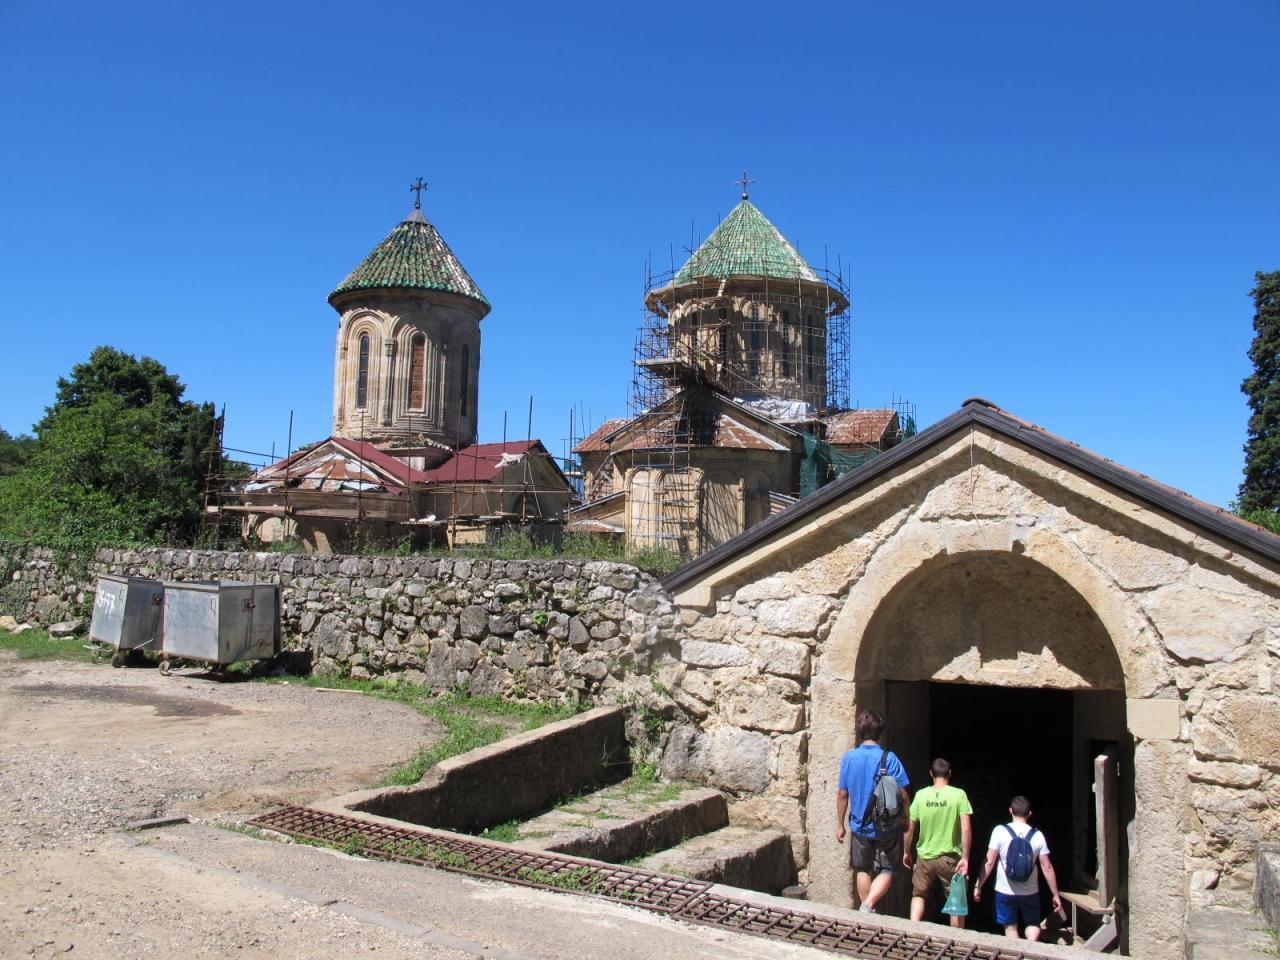 ゲラティ修道院の画像 p1_8